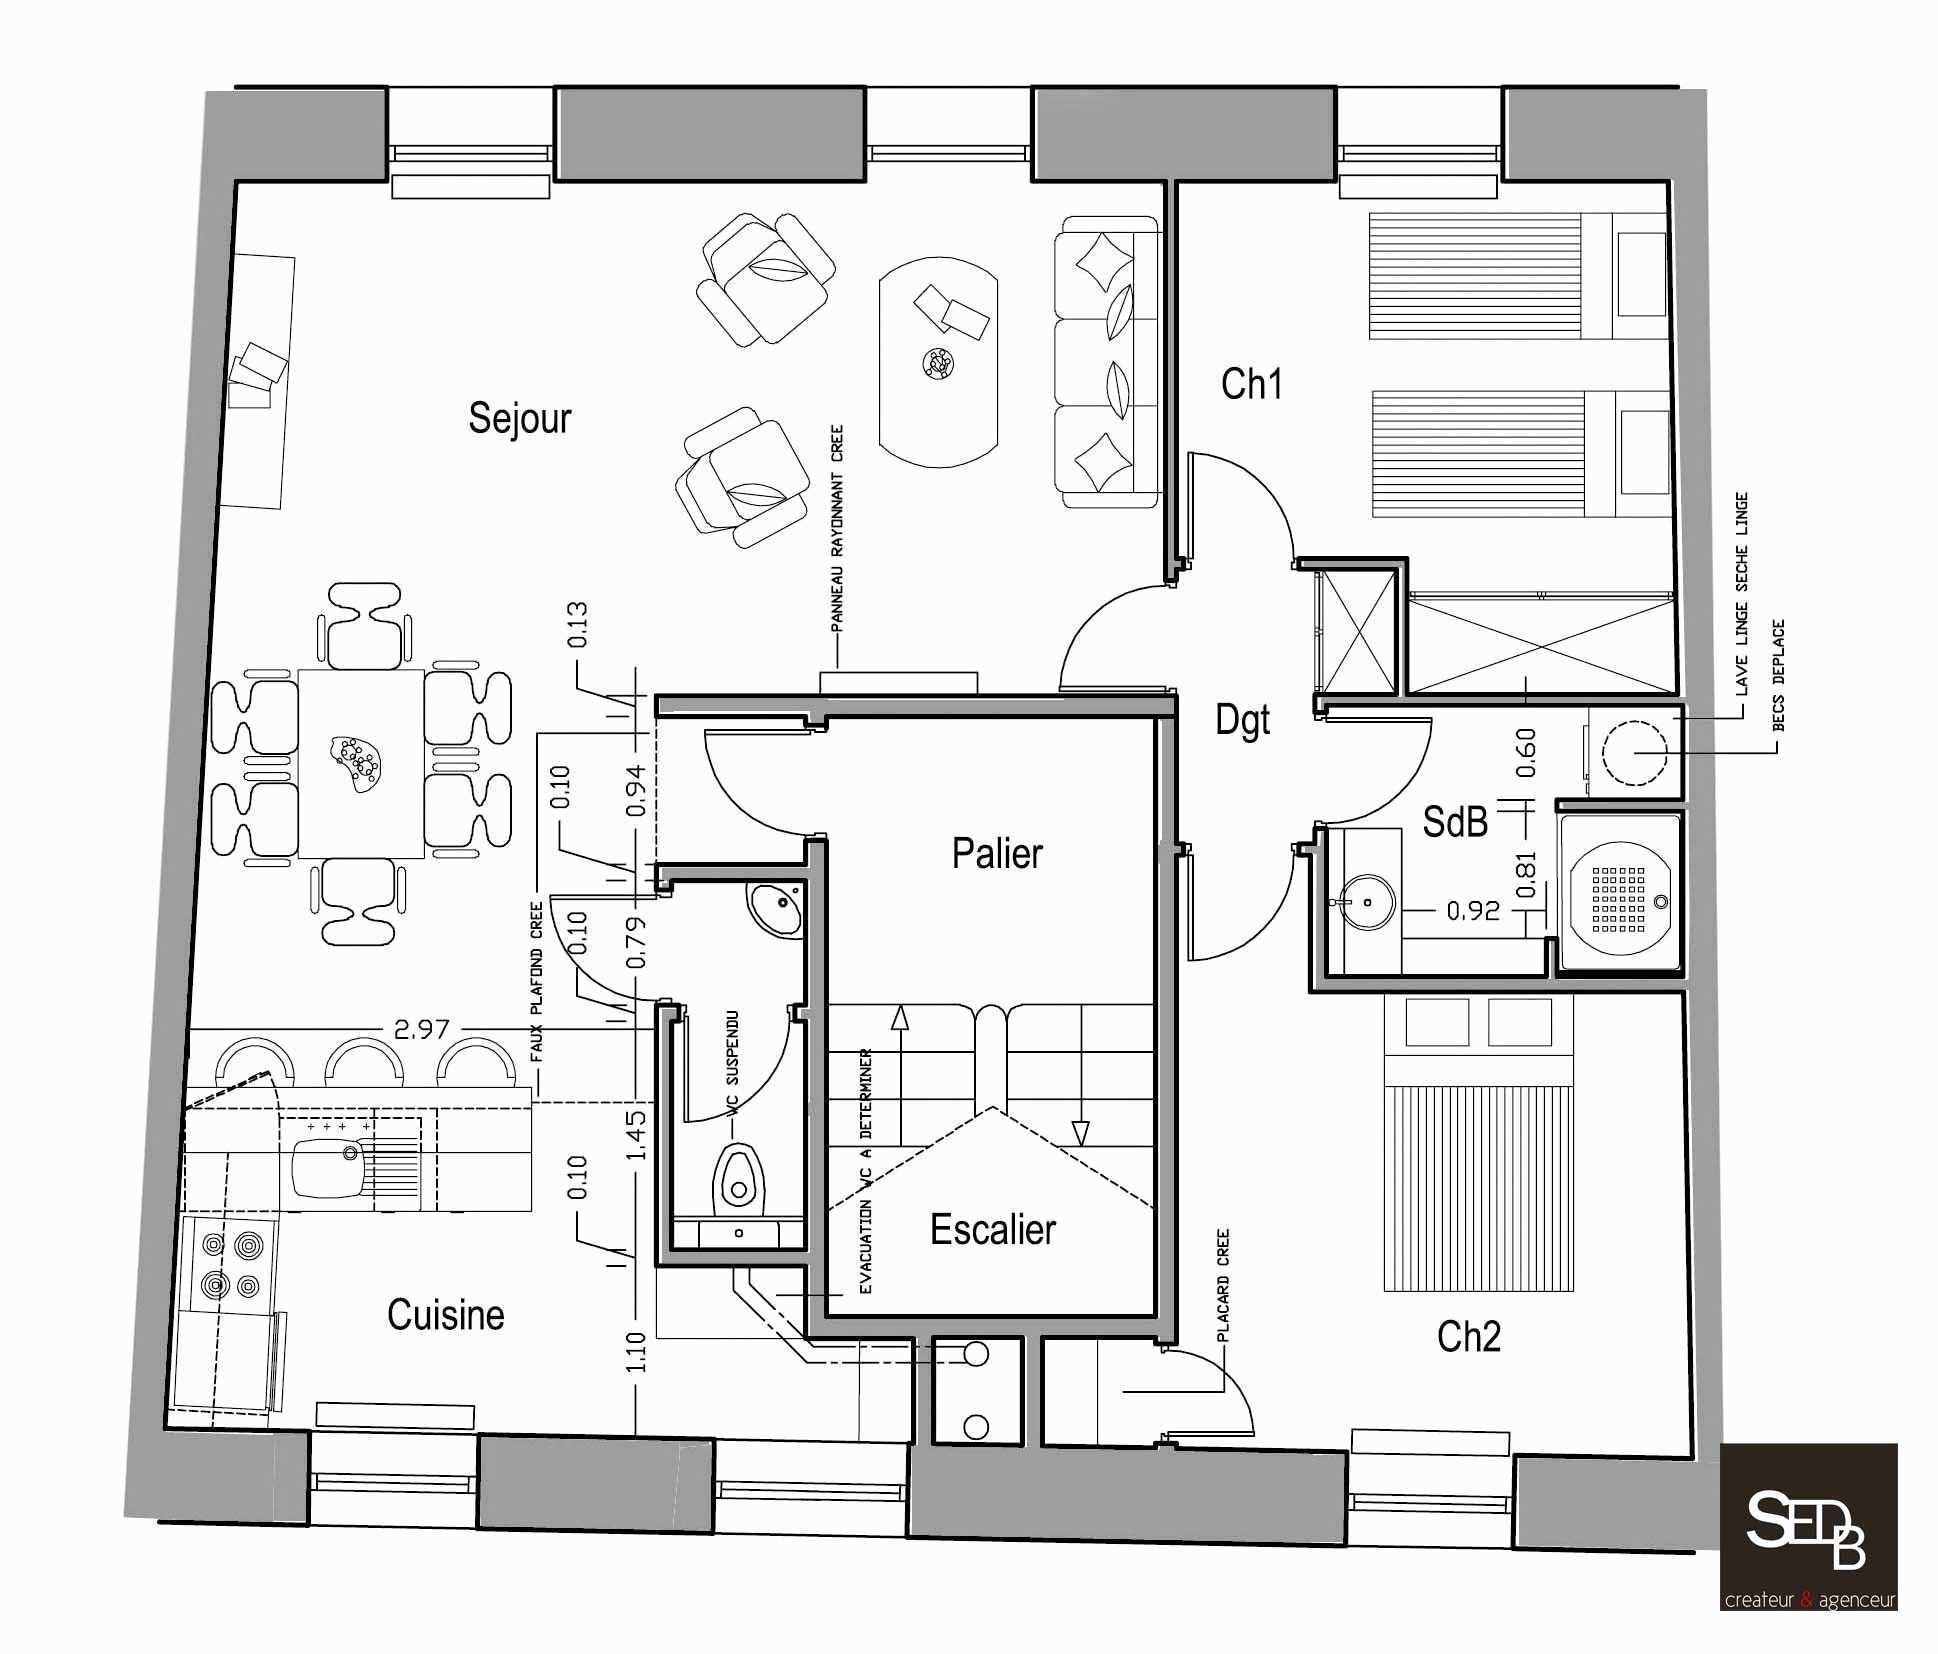 Logiciel pour faire plan de maison id es de travaux - Faire des plans de maison ...